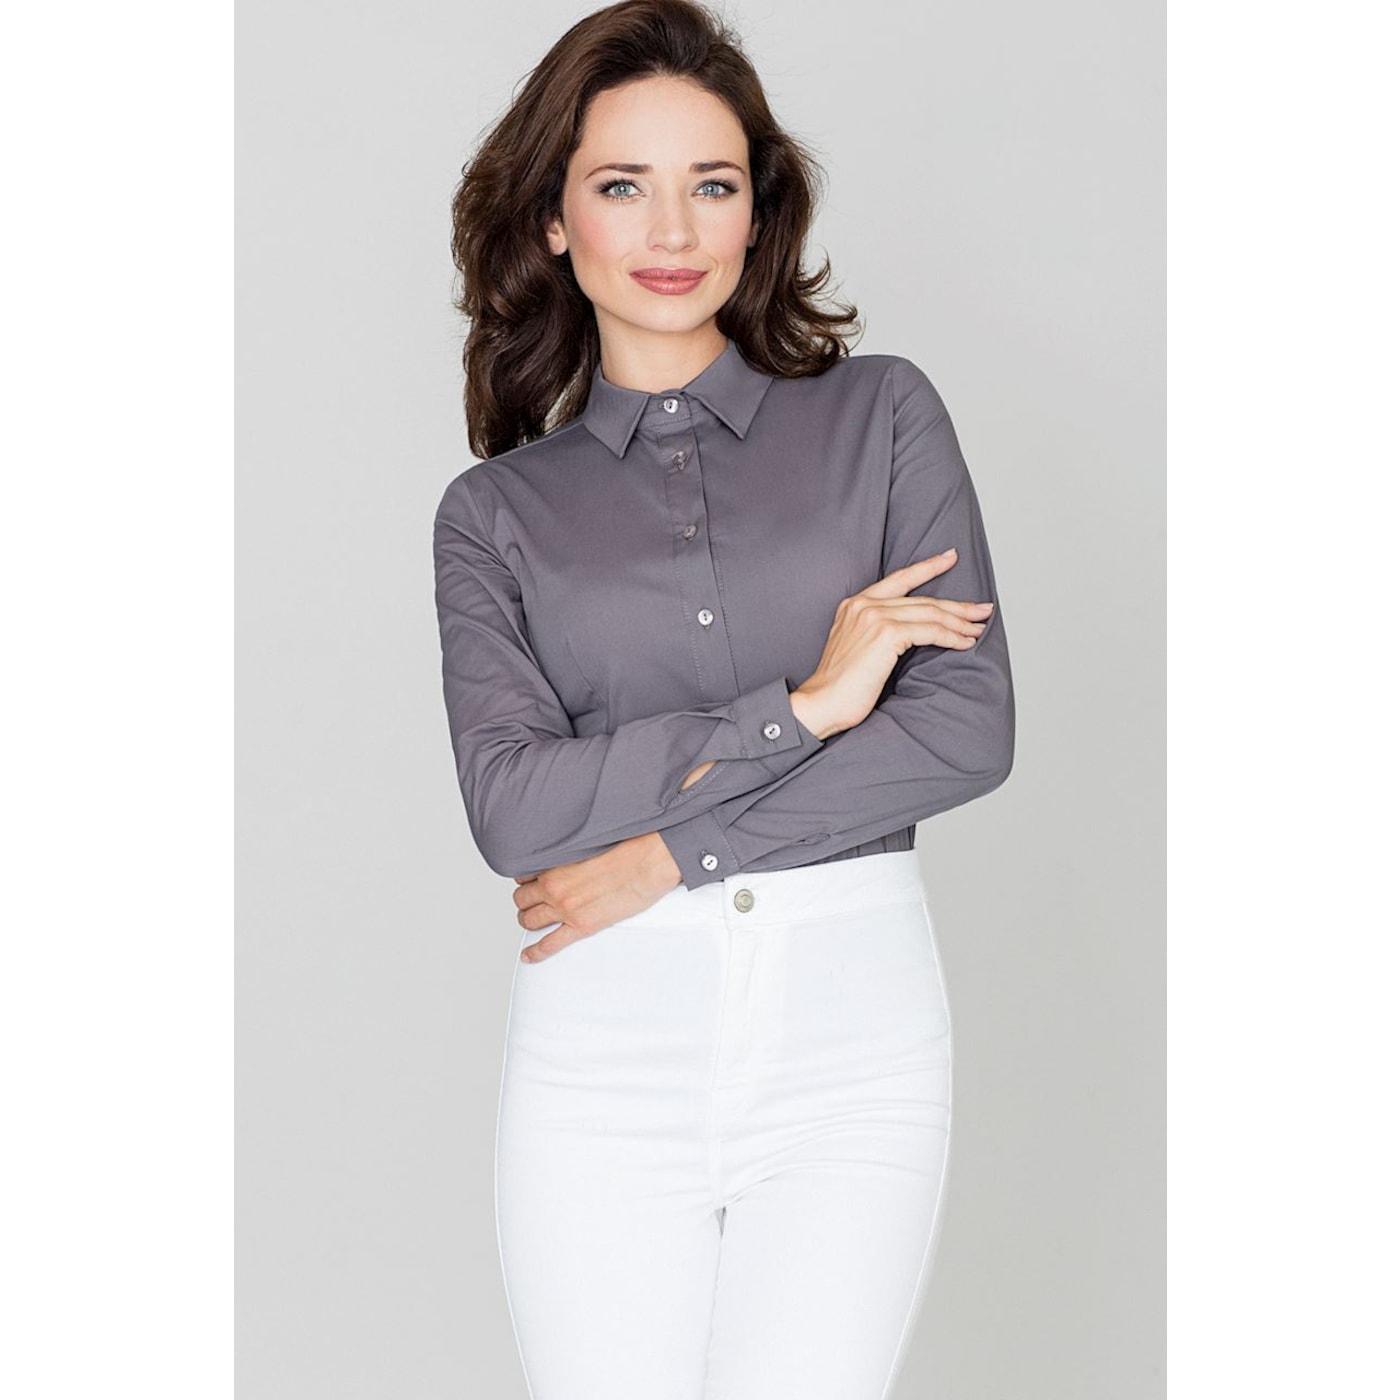 Katrus Womans Shirt K240 dámské Grey M